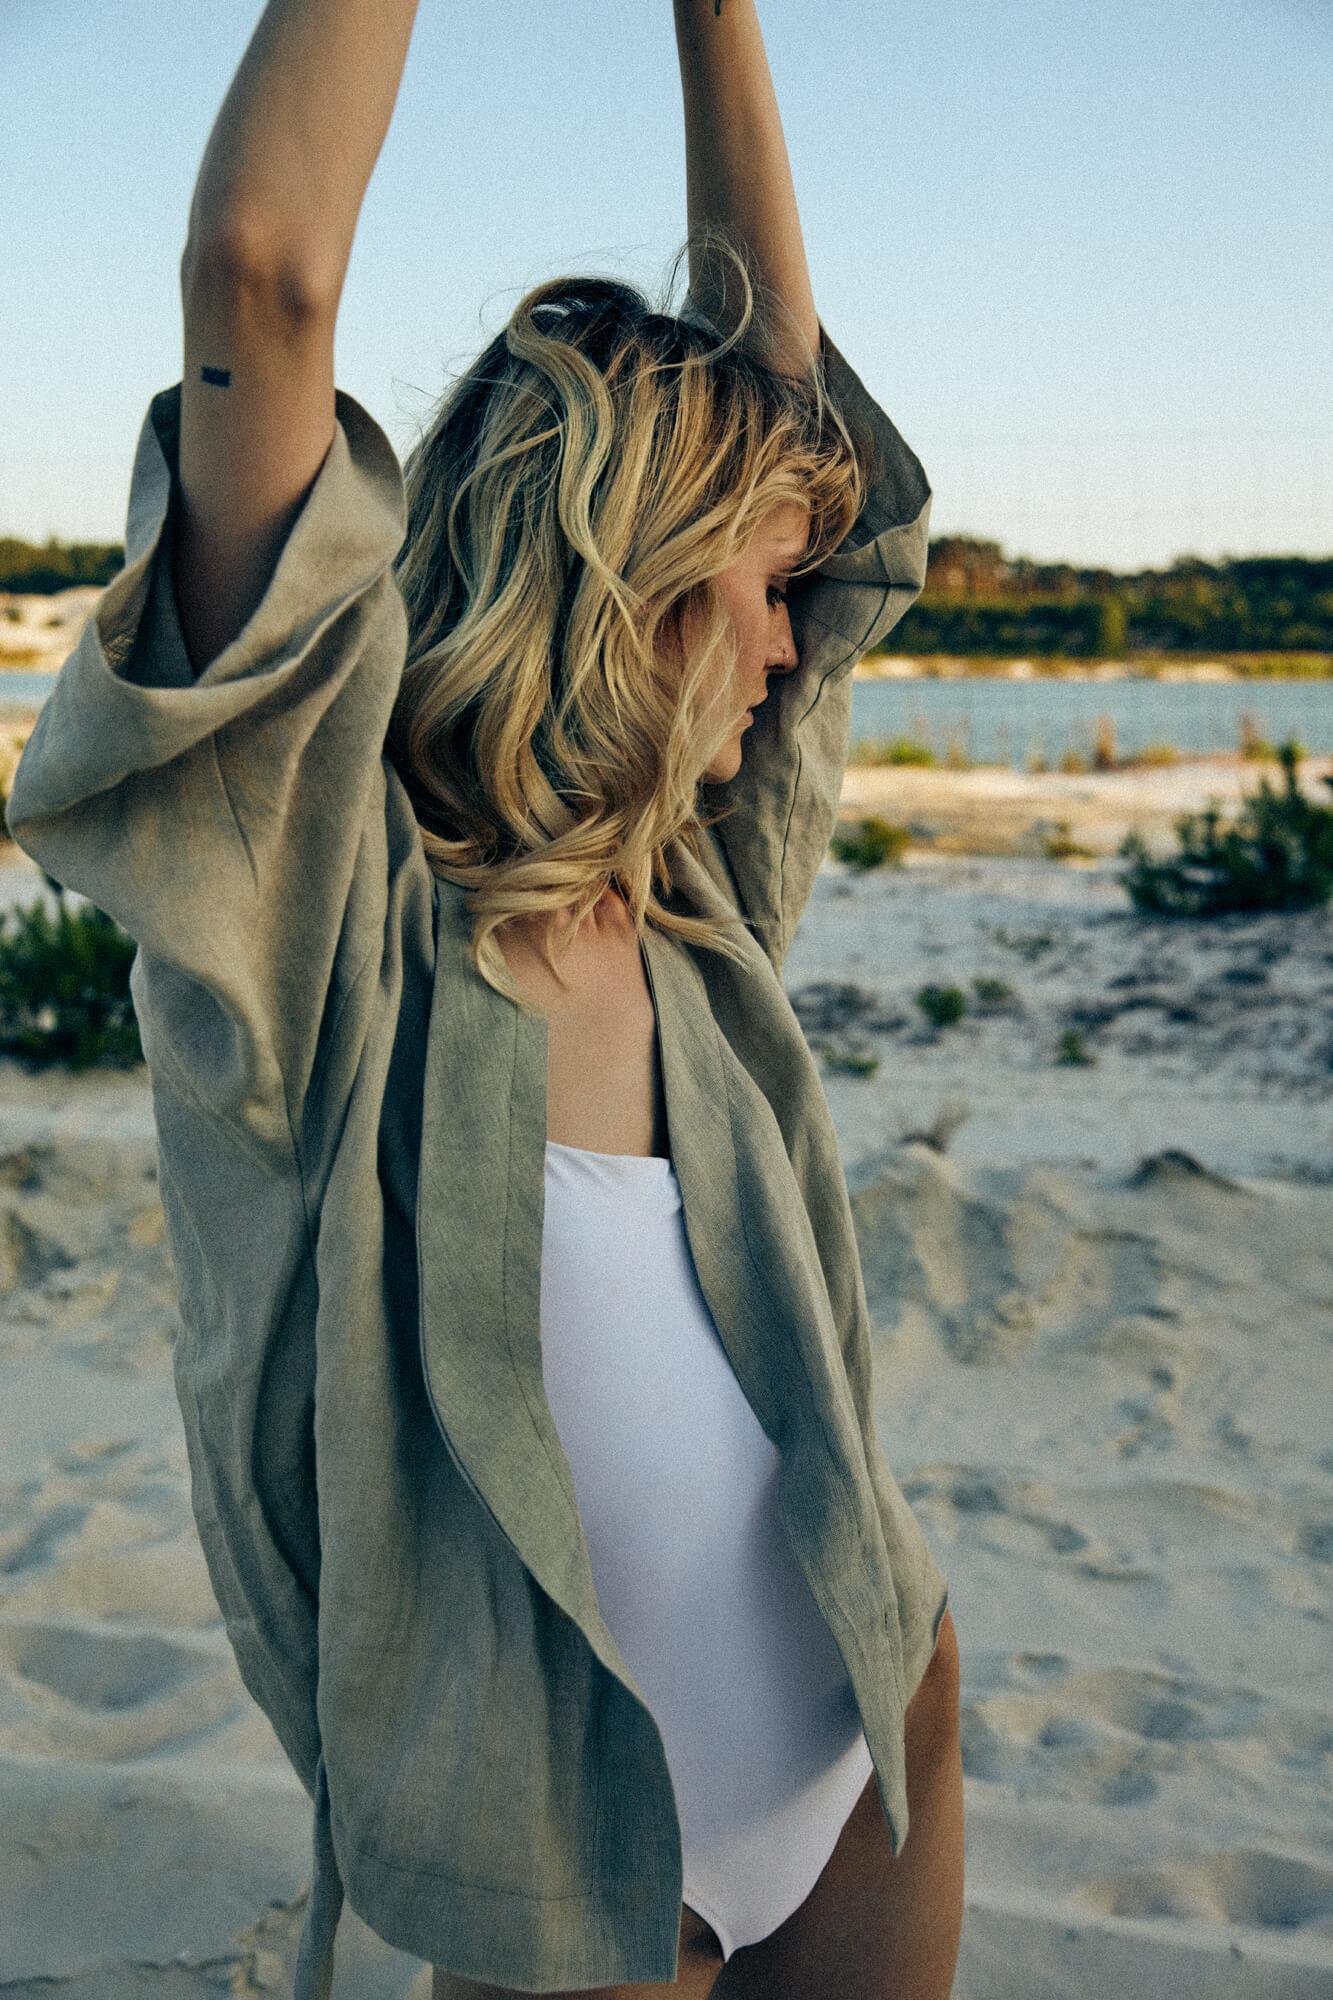 Modella con canottiera bianca e blusa color sabbia